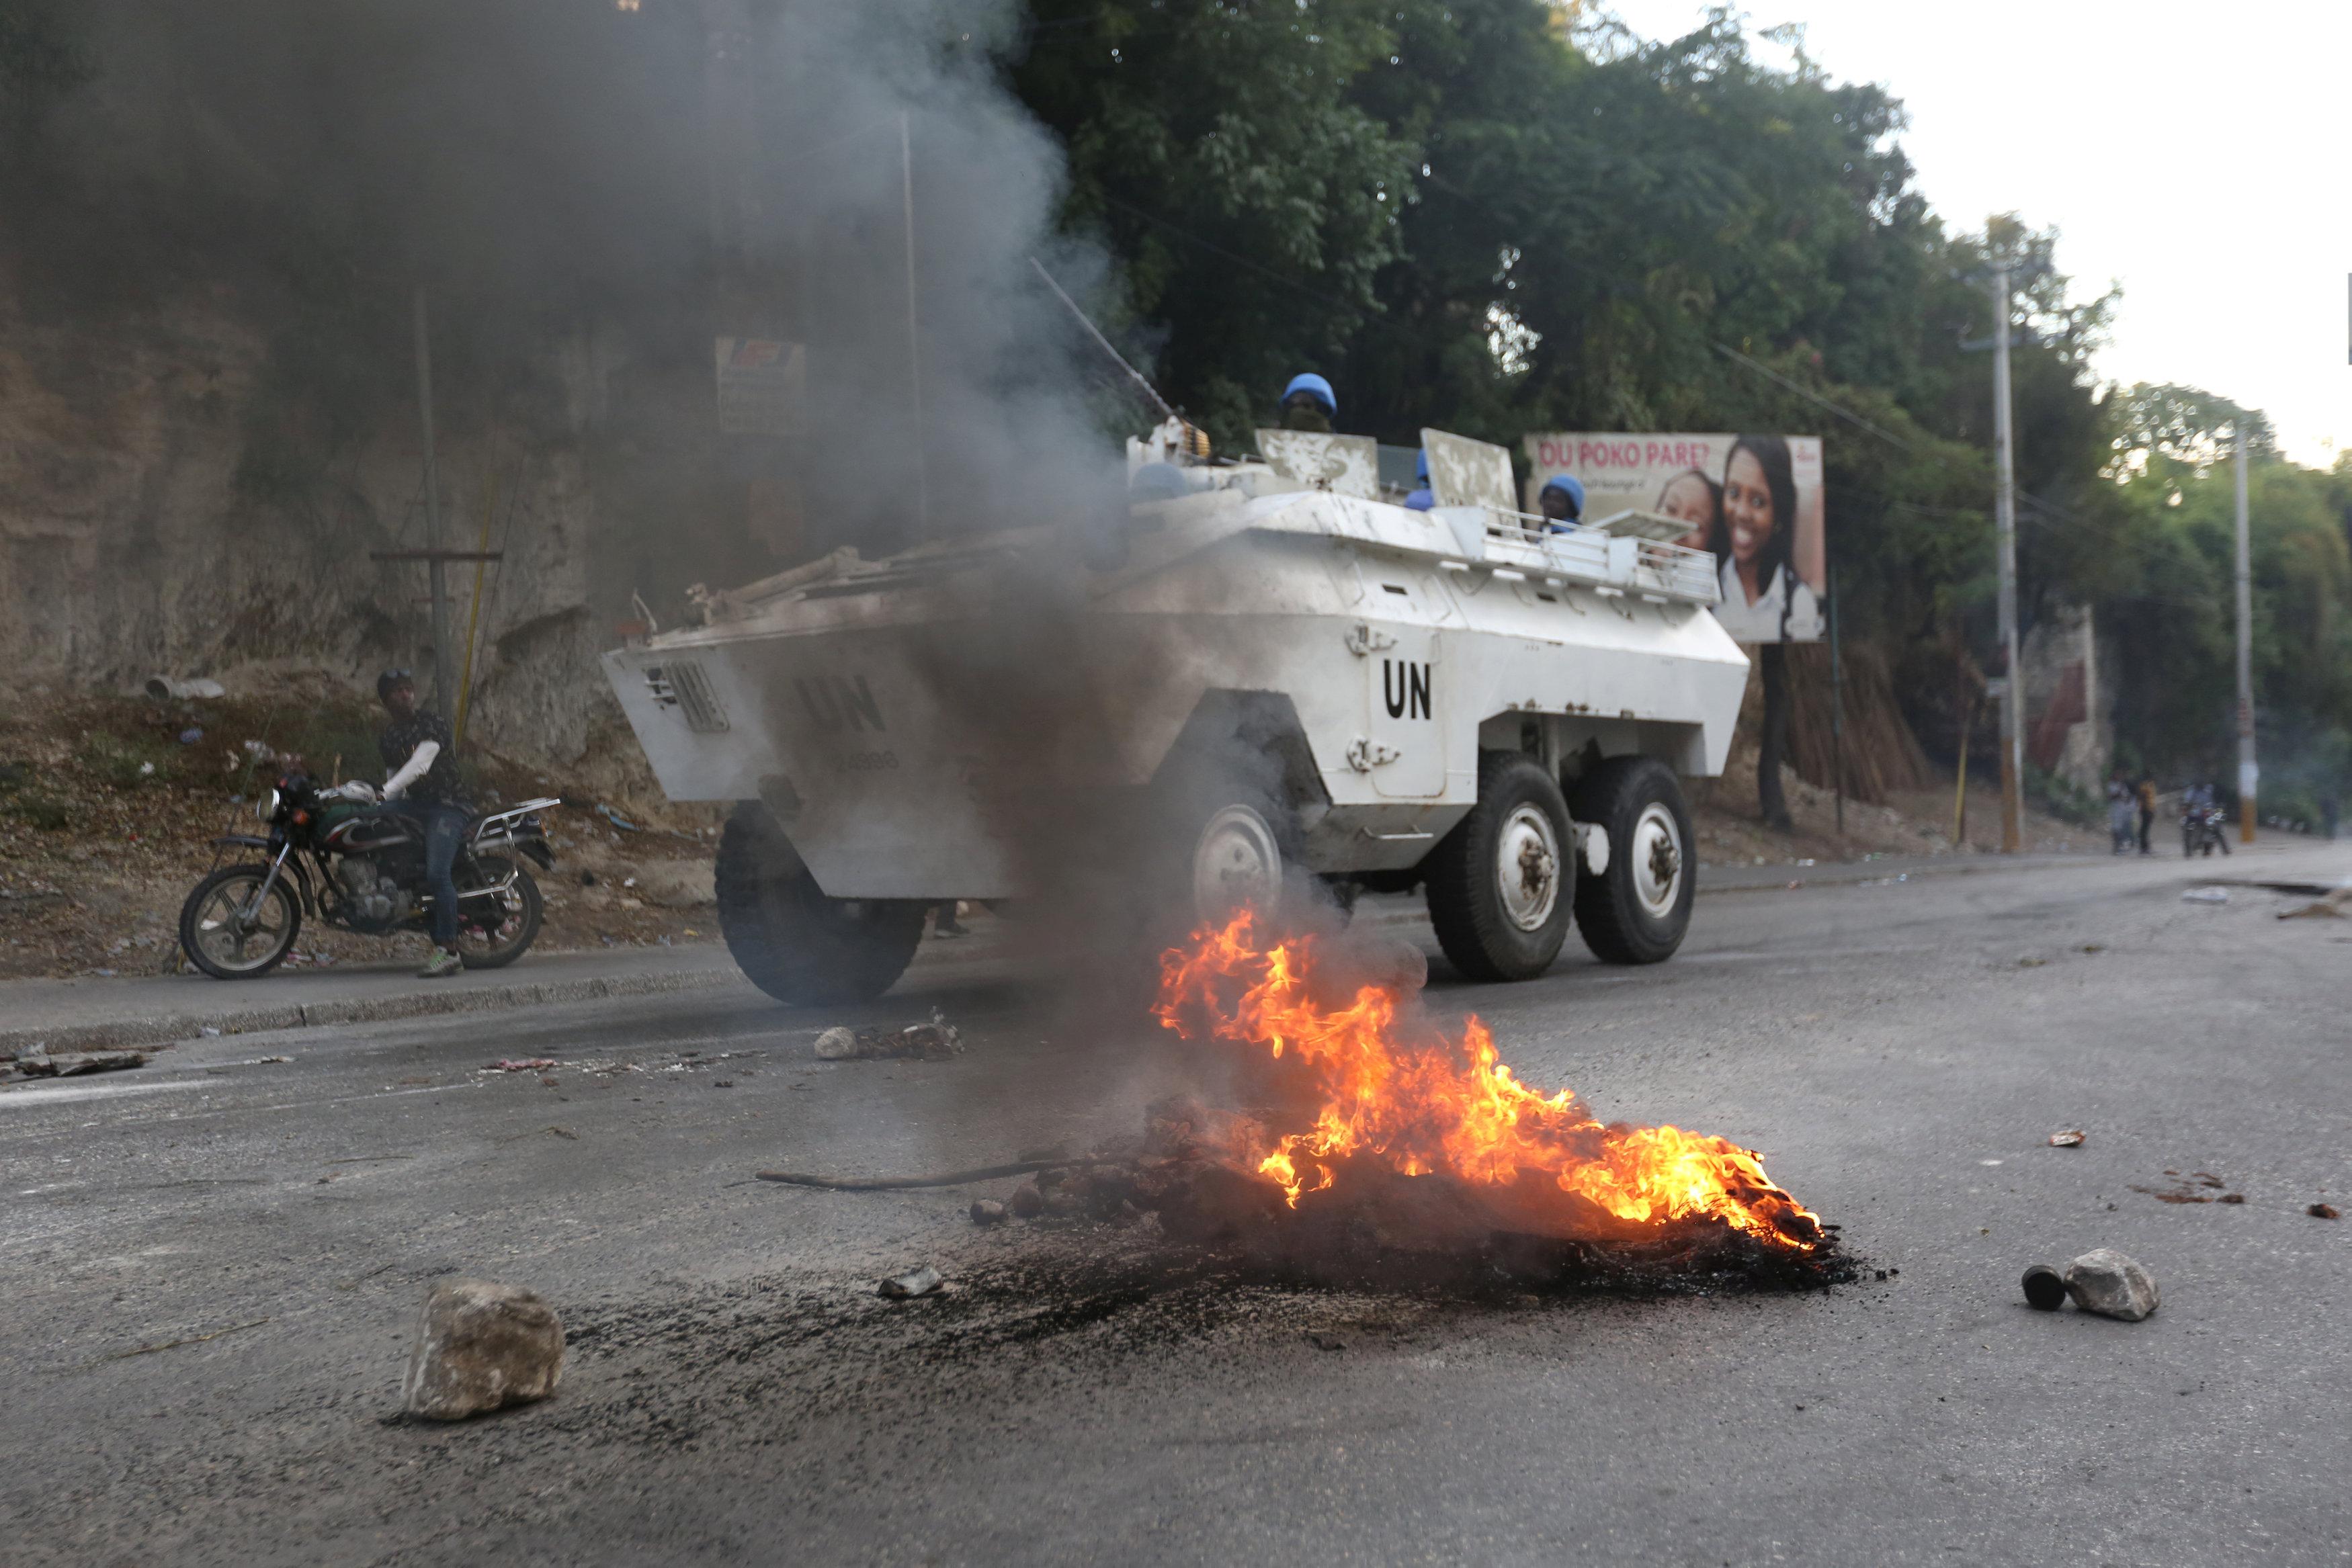 الاحتجاجات العنيفة ضد السلطة فى هايتى  (1)